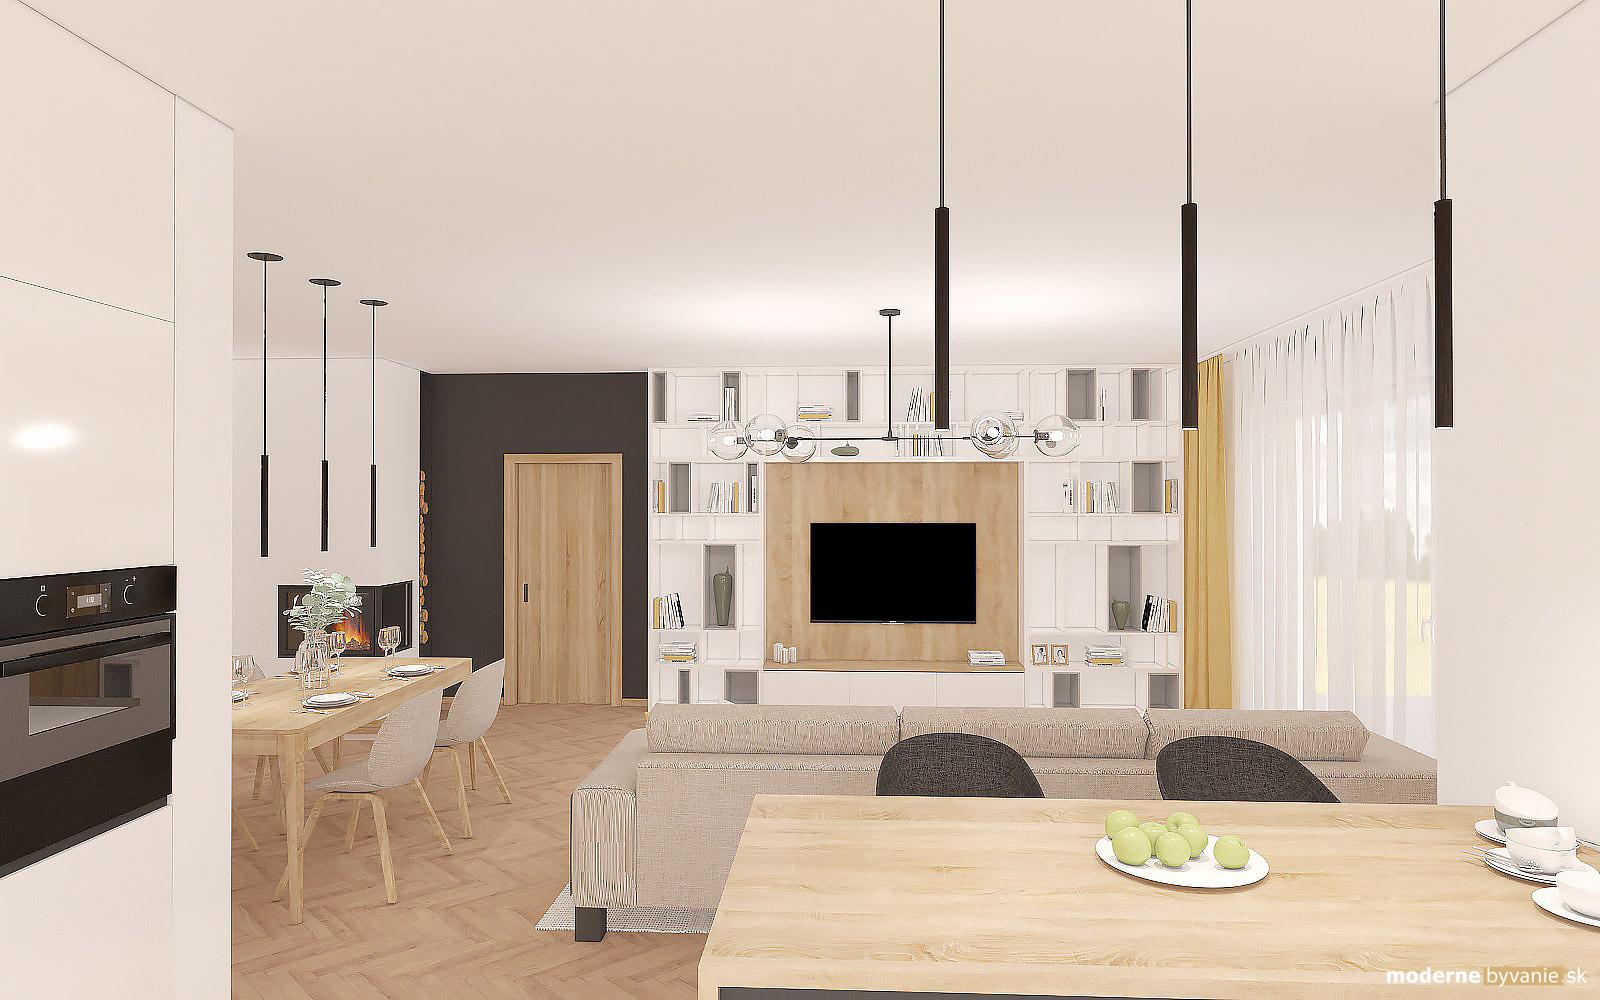 Návrh interiéru-Hlavný obytný priestor-Návrh interiéru domu v Cíferi